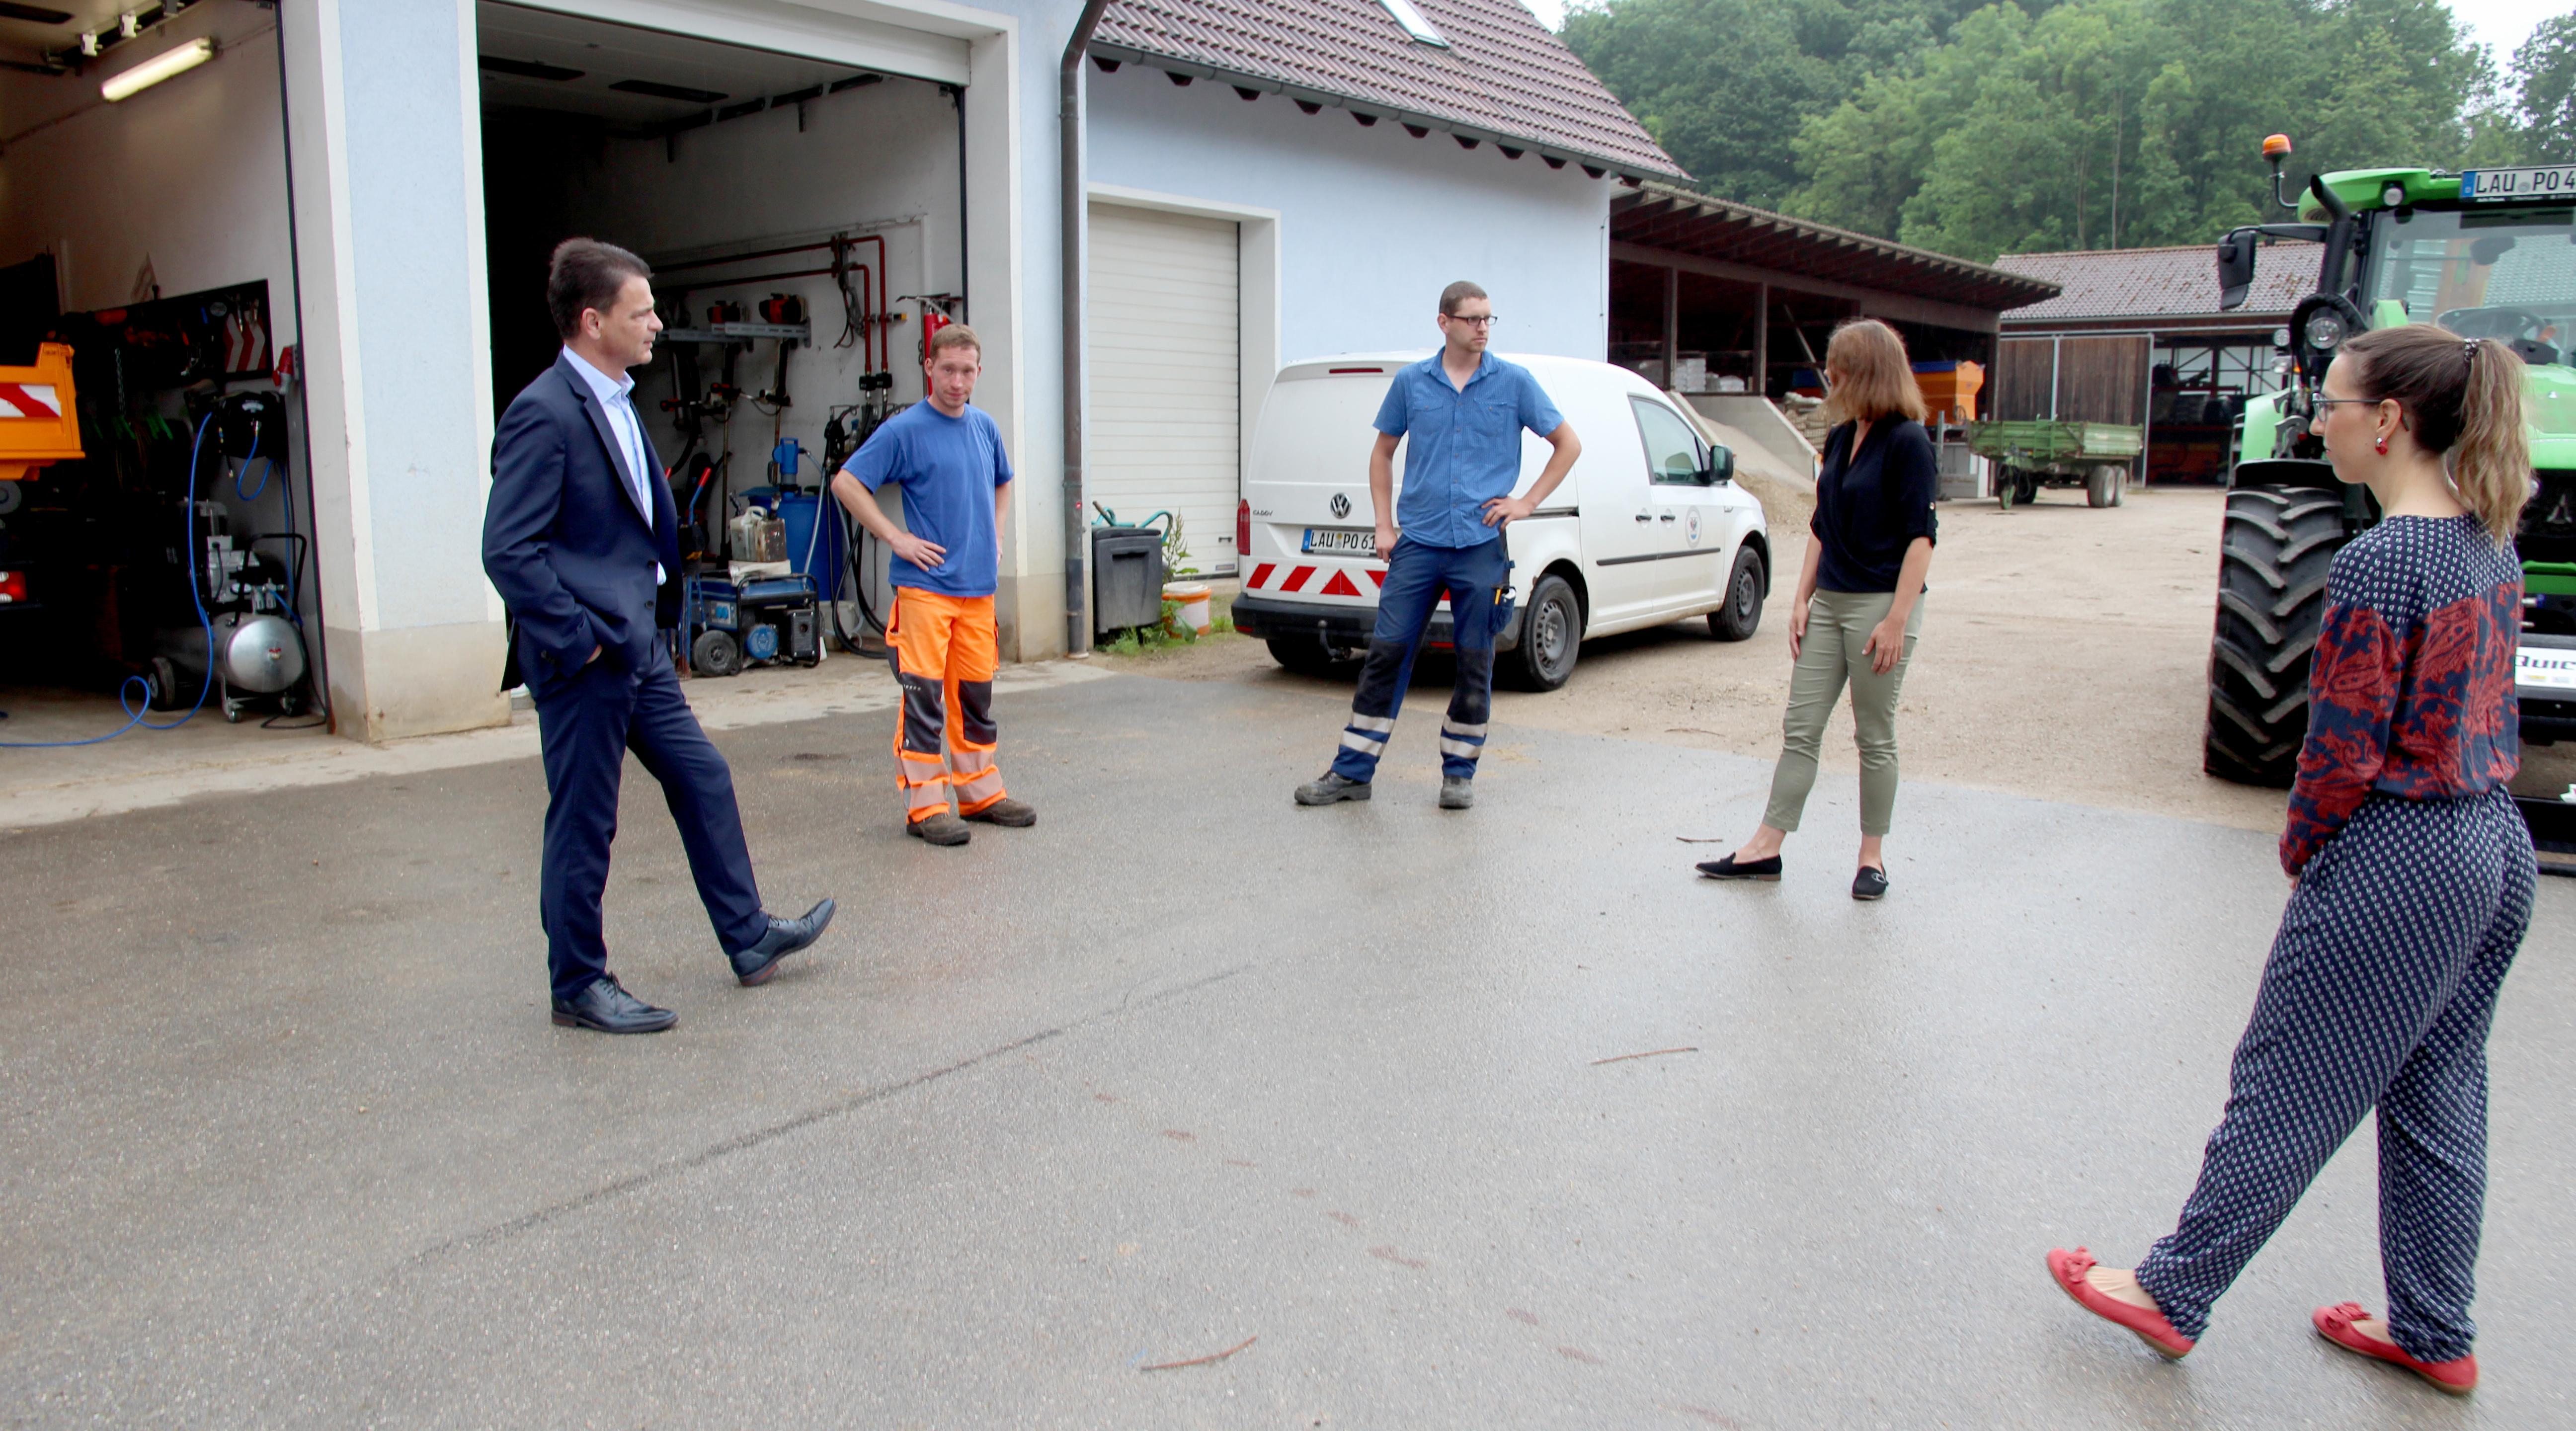 Lukas Wirth ist sichtlich stolz, dass heute 1. Bürgermeister Jörg Fritsch wegen eines Fototermins mit ihm zum Bauhof gekommen ist.